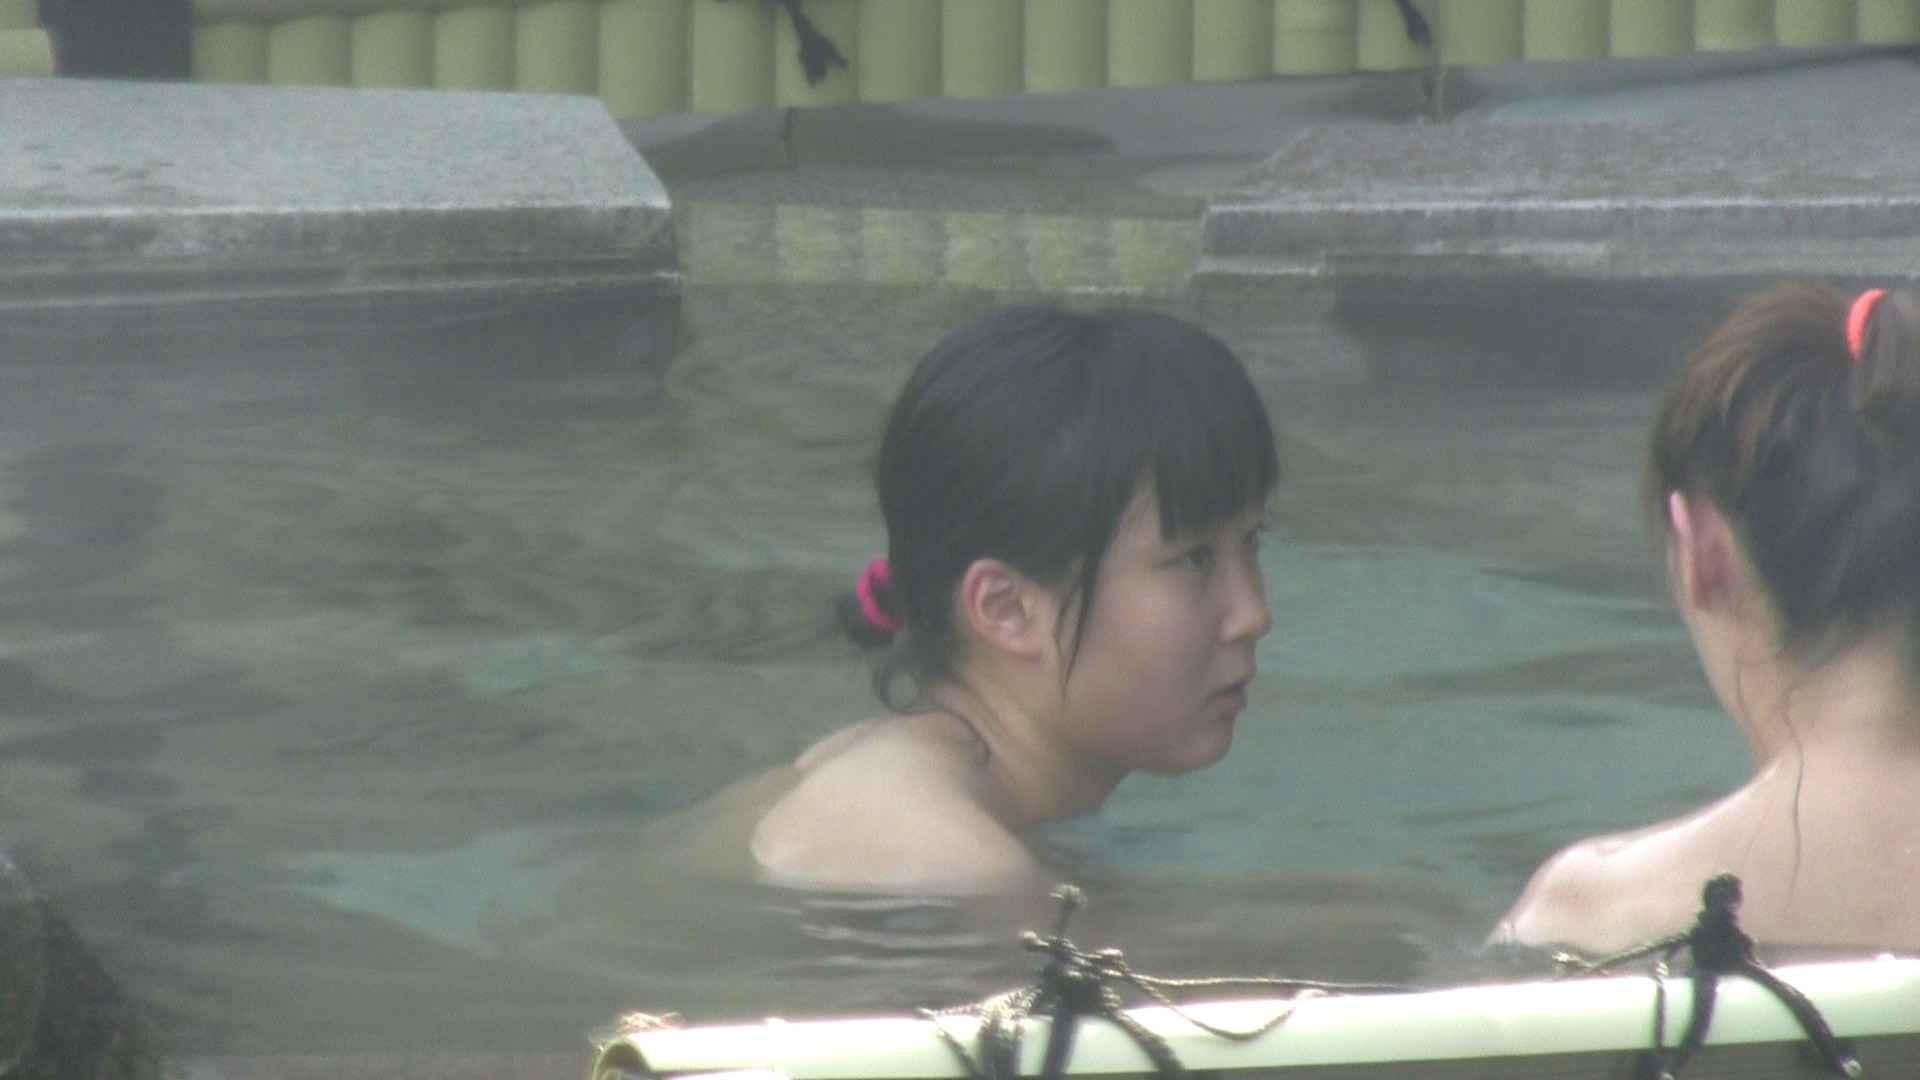 Aquaな露天風呂Vol.196 盗撮シリーズ  87PIX 80